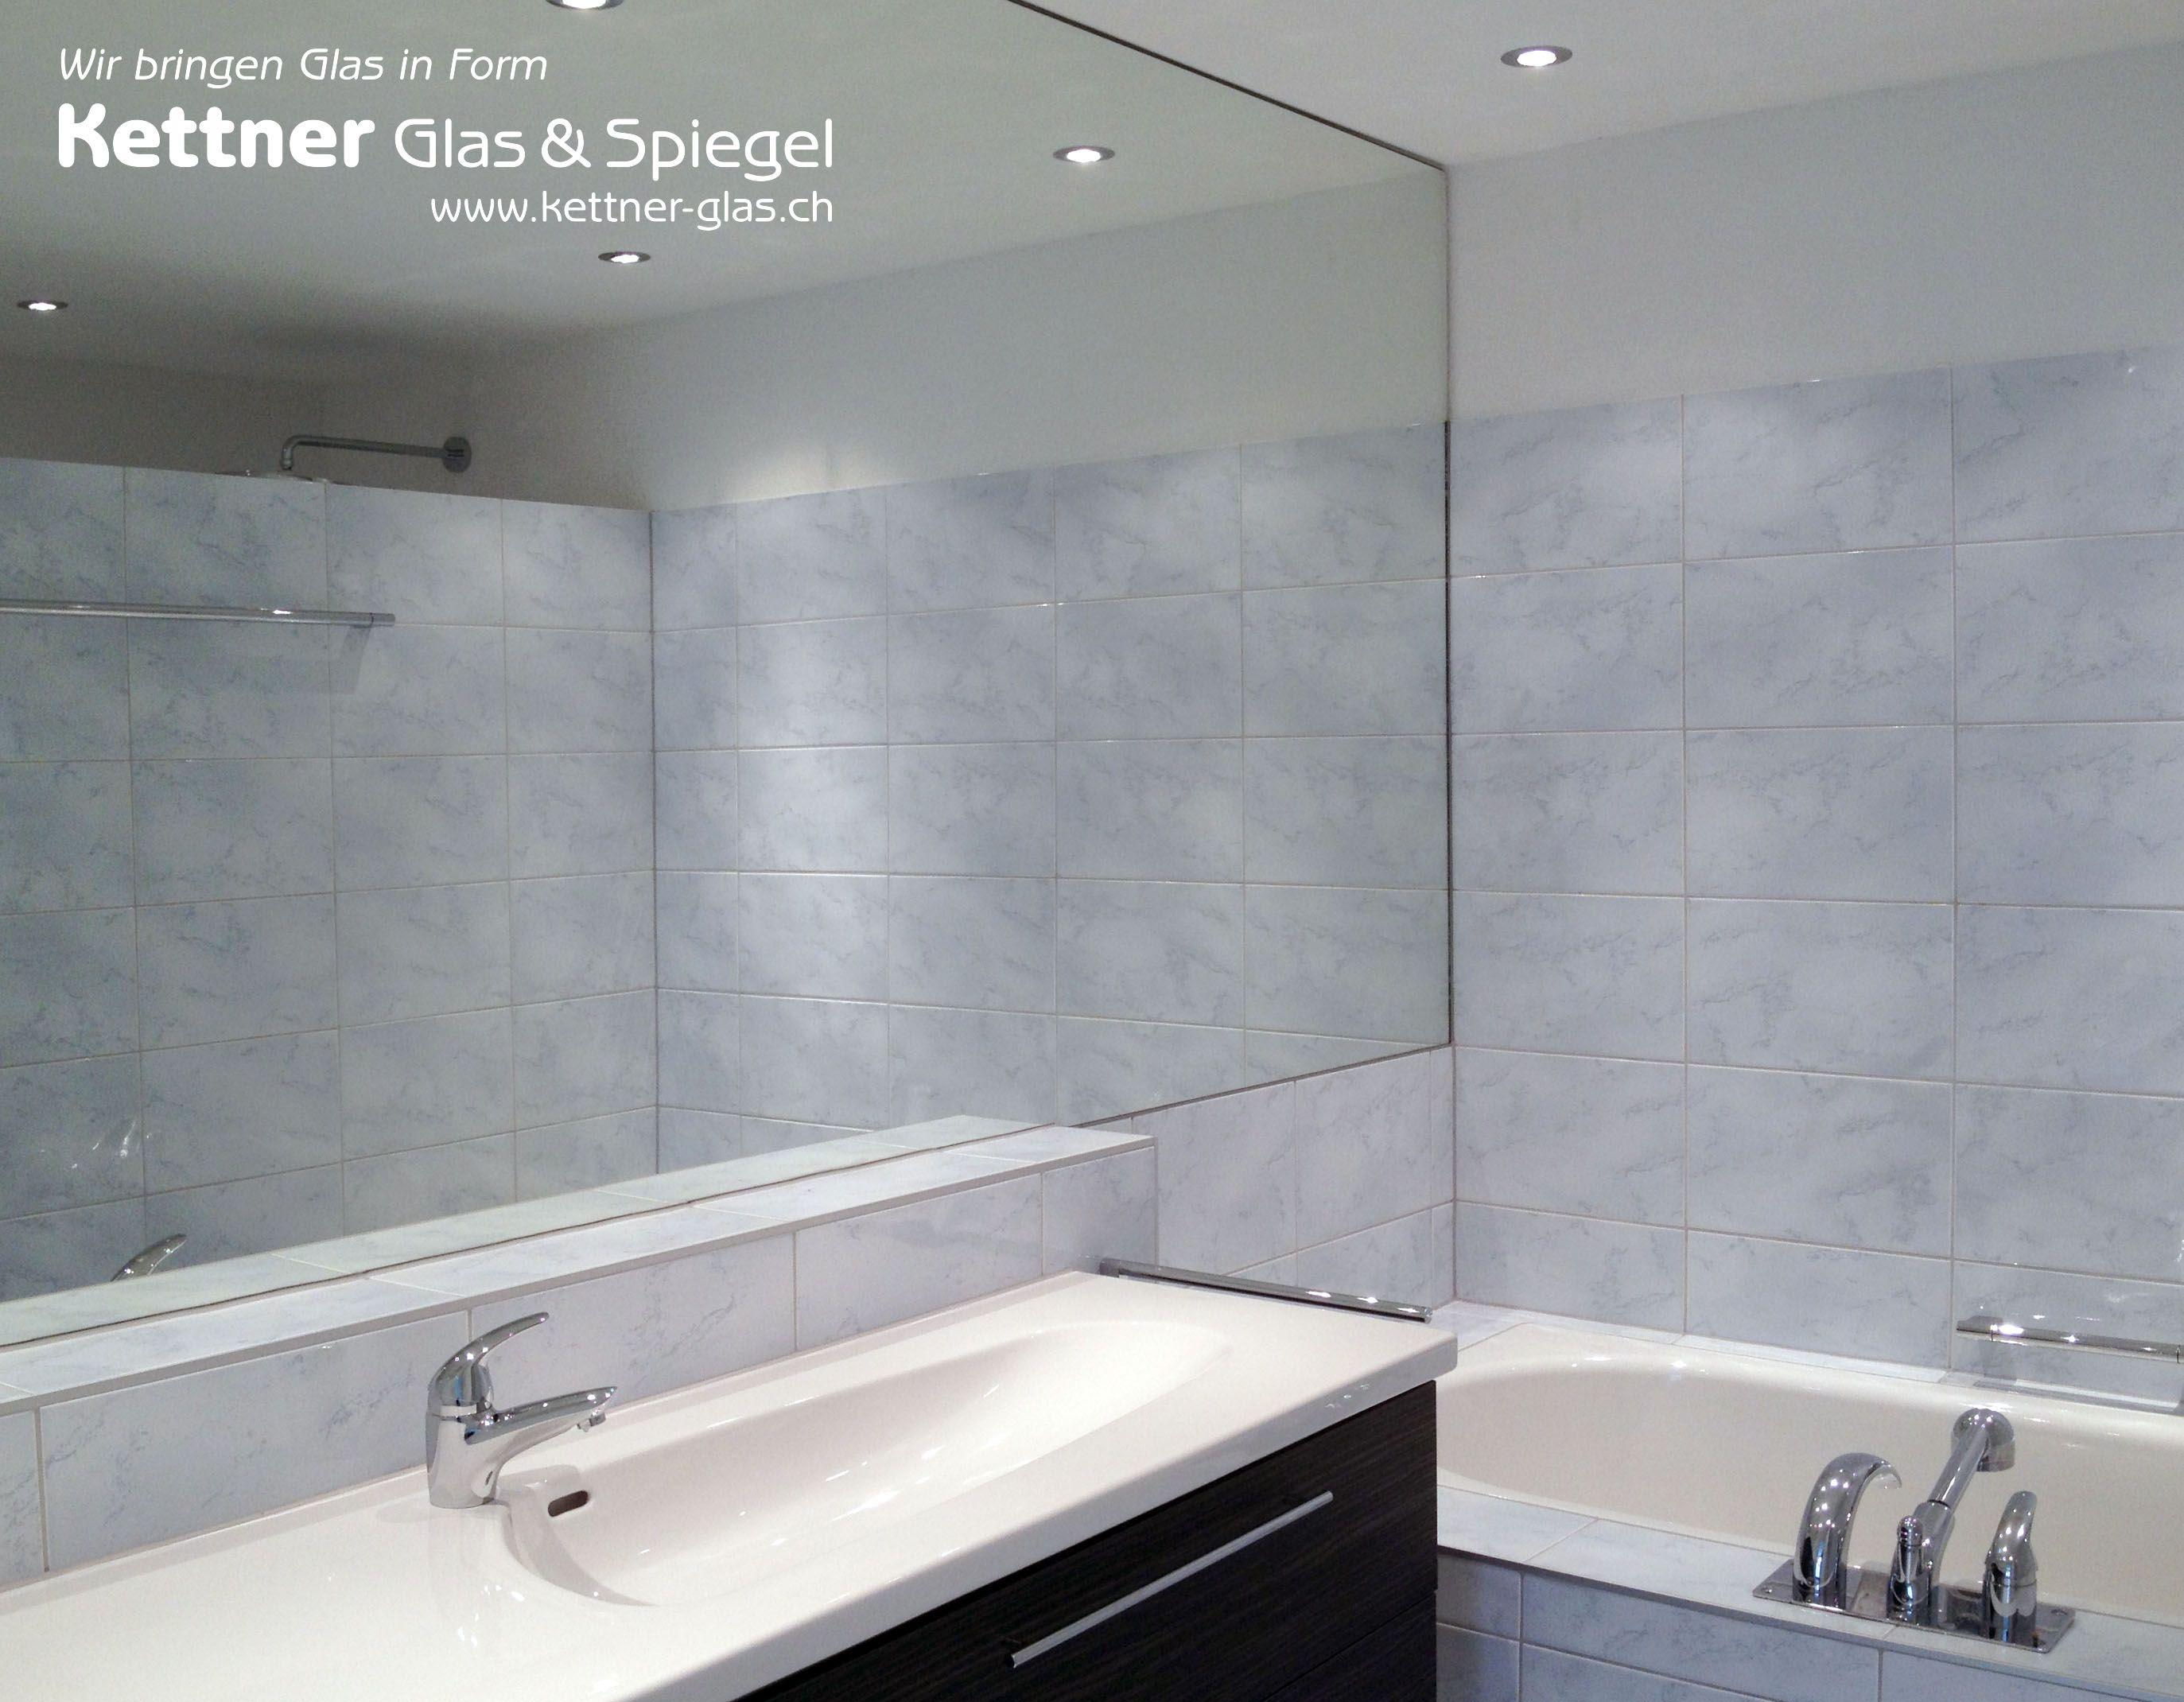 Spiegel Für Badezimmer, Begehbare Wandschränke, In Rahmen, ...   KGS